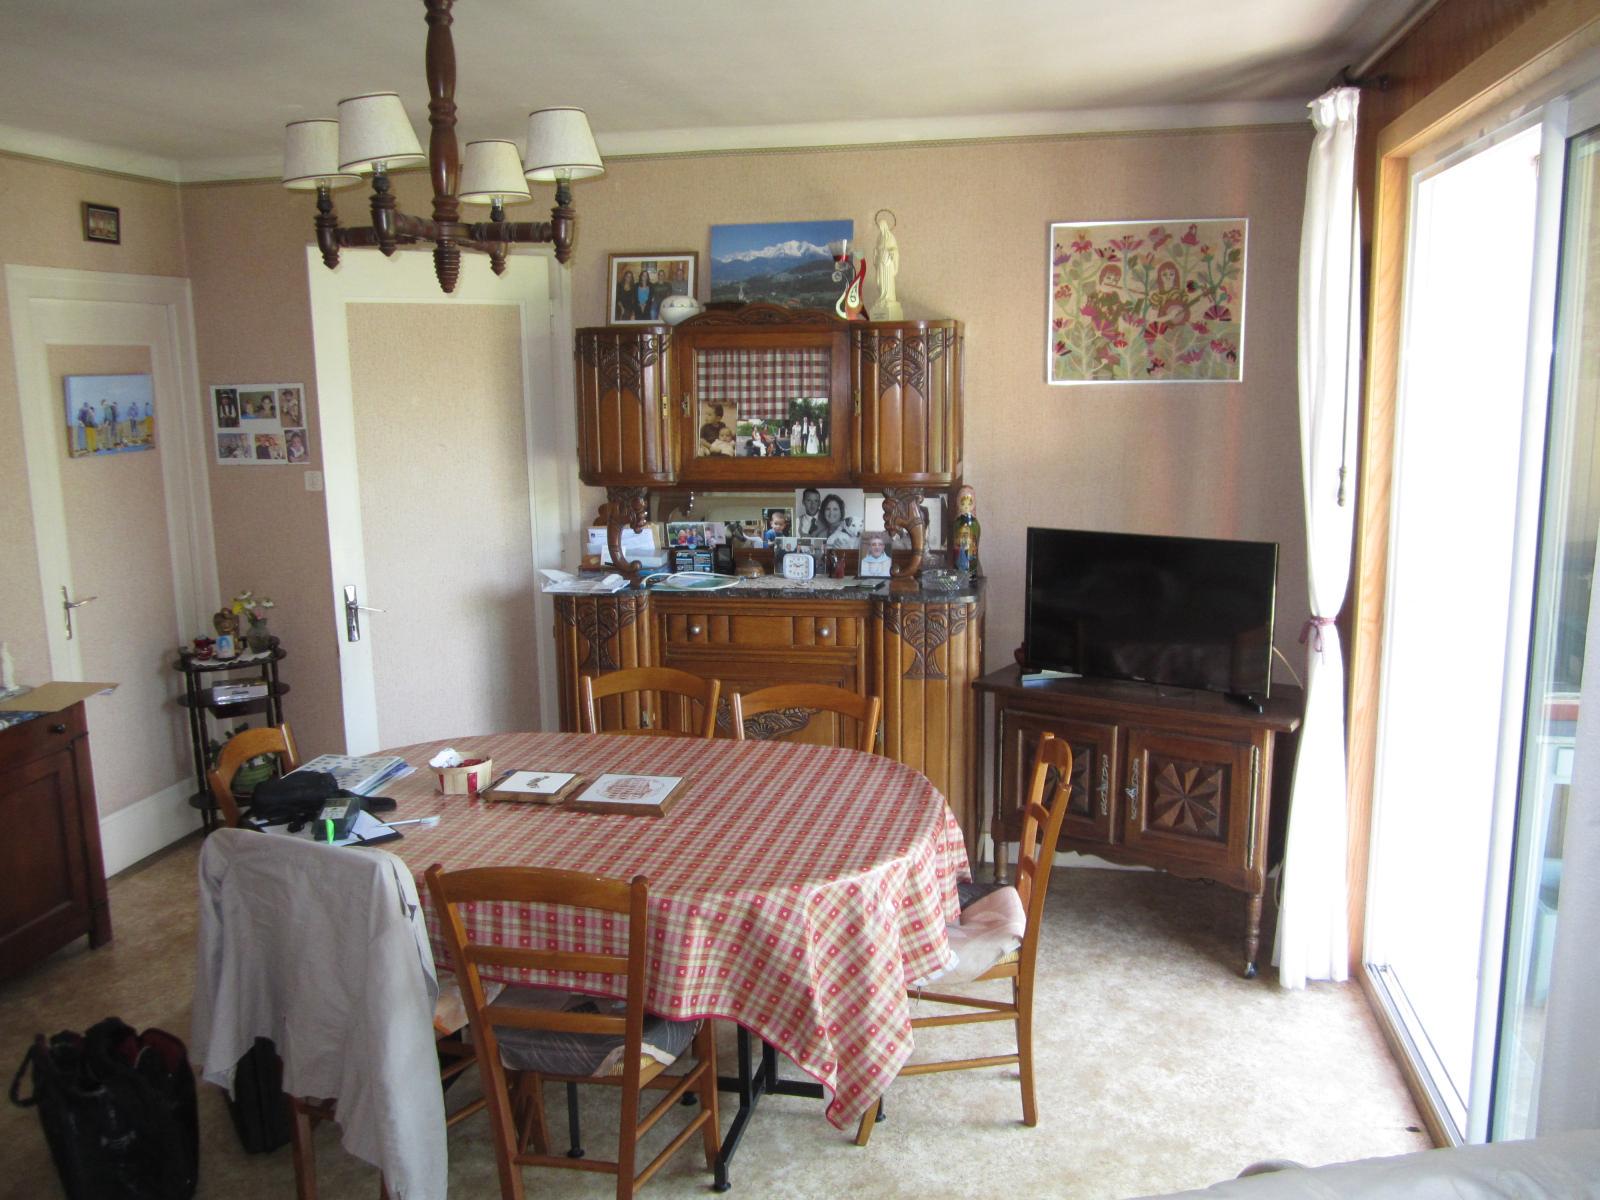 EXCLUSIVITE St Julien-en-Genevois Mignonne Maison de ville...SOUS COMPROMIS